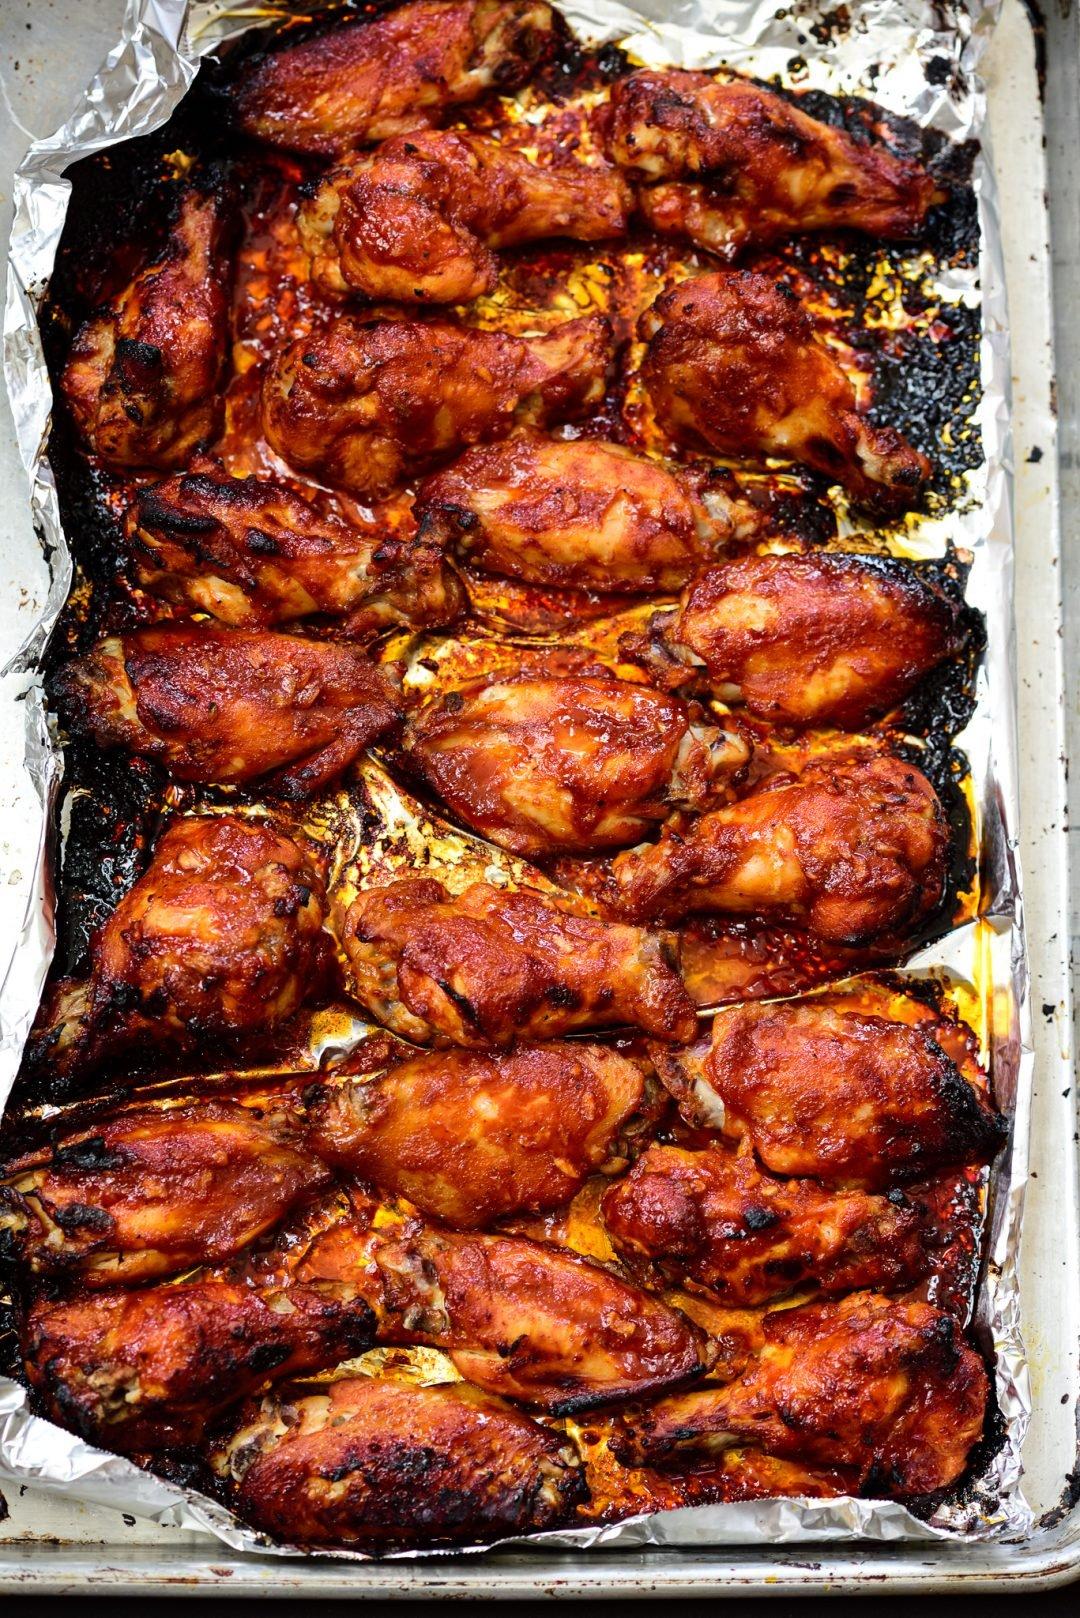 DSC7862 2 e1612739746742 - Baked Chicken Wings